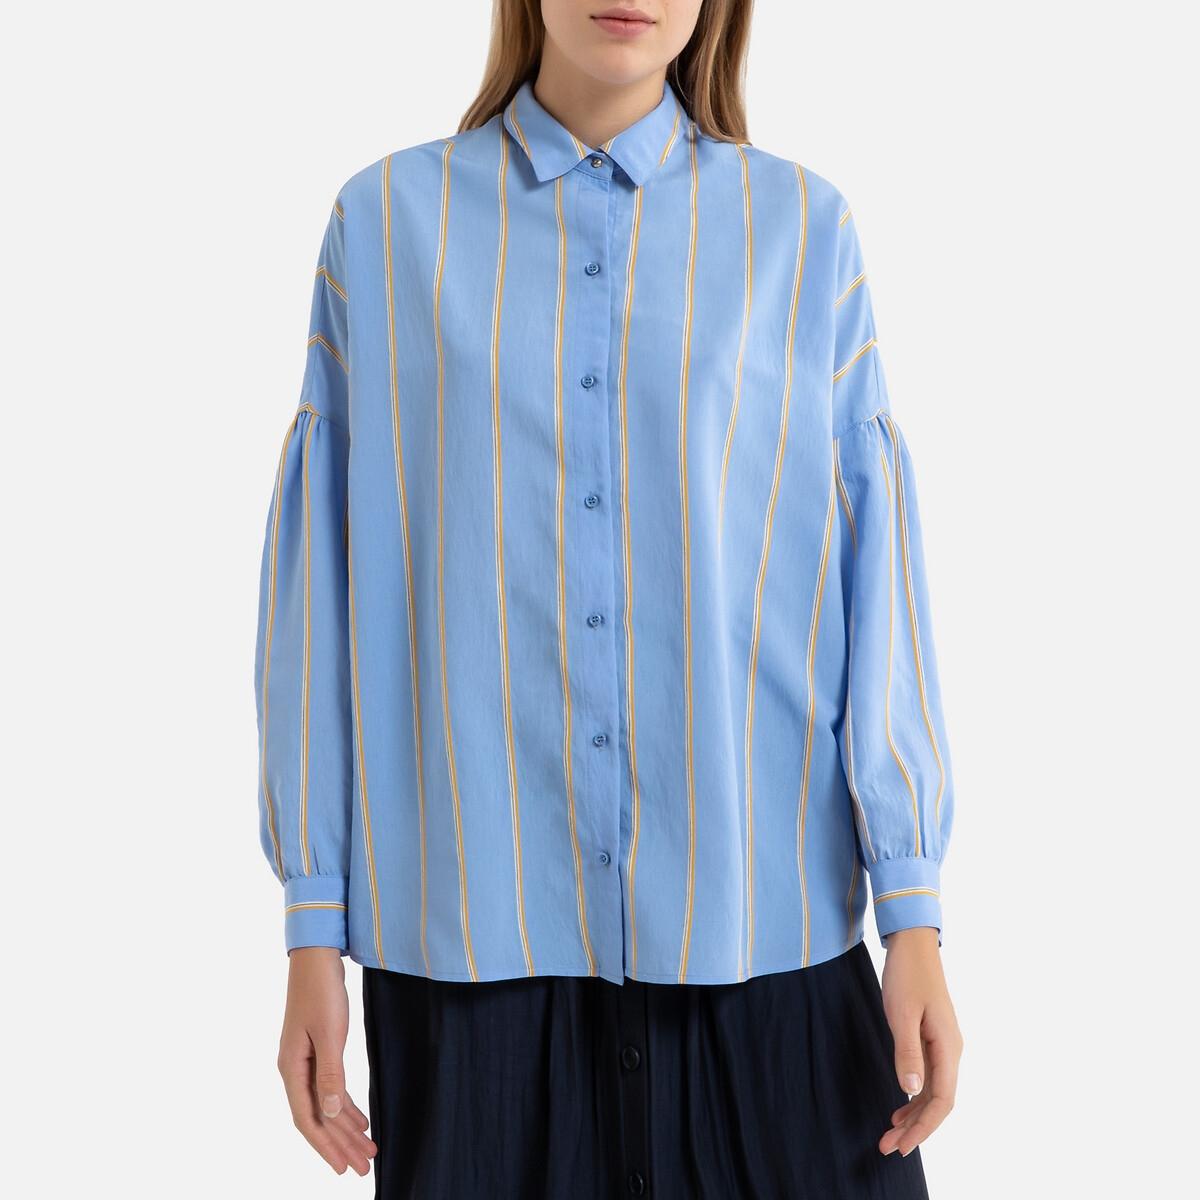 Блузка La Redoute В полоску с длинными рукавами BOTAN XS синий блузка la redoute в полоску с длинными рукавами 12 лет 150 см другие